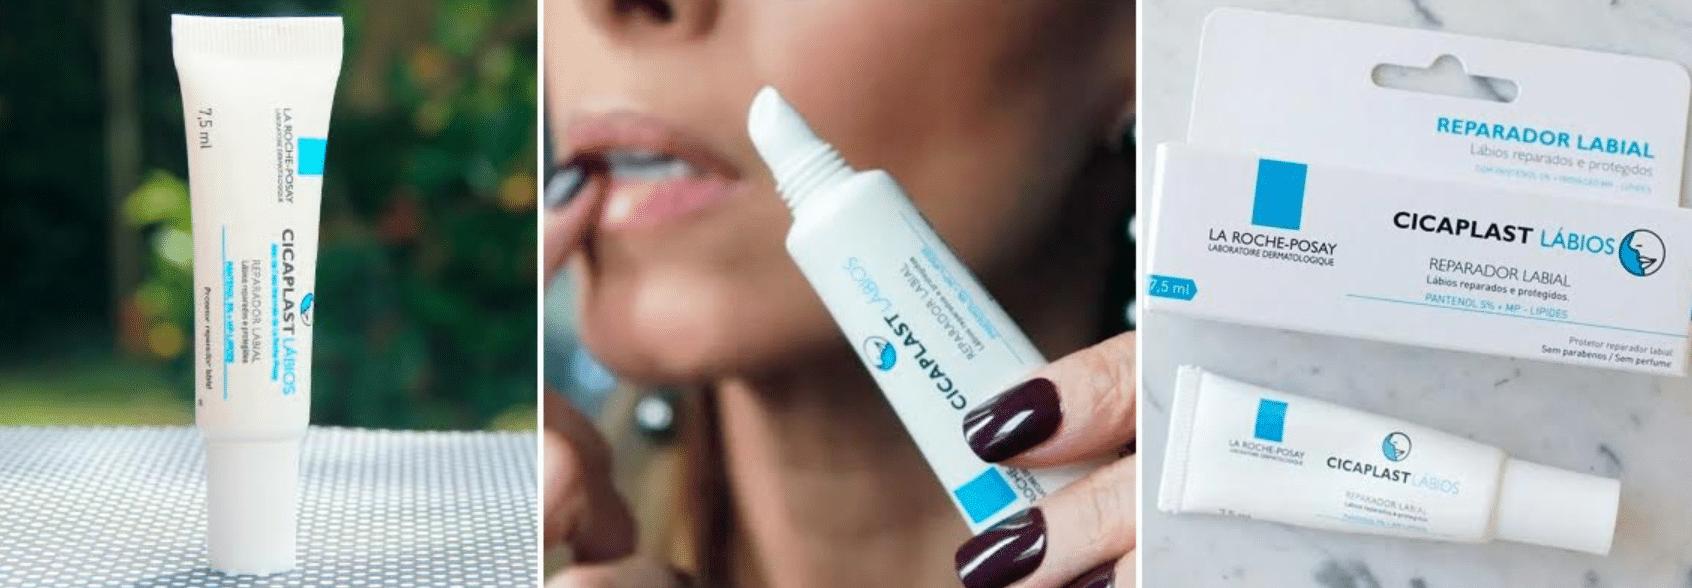 imagem de hidratande para os lábios cicaplast